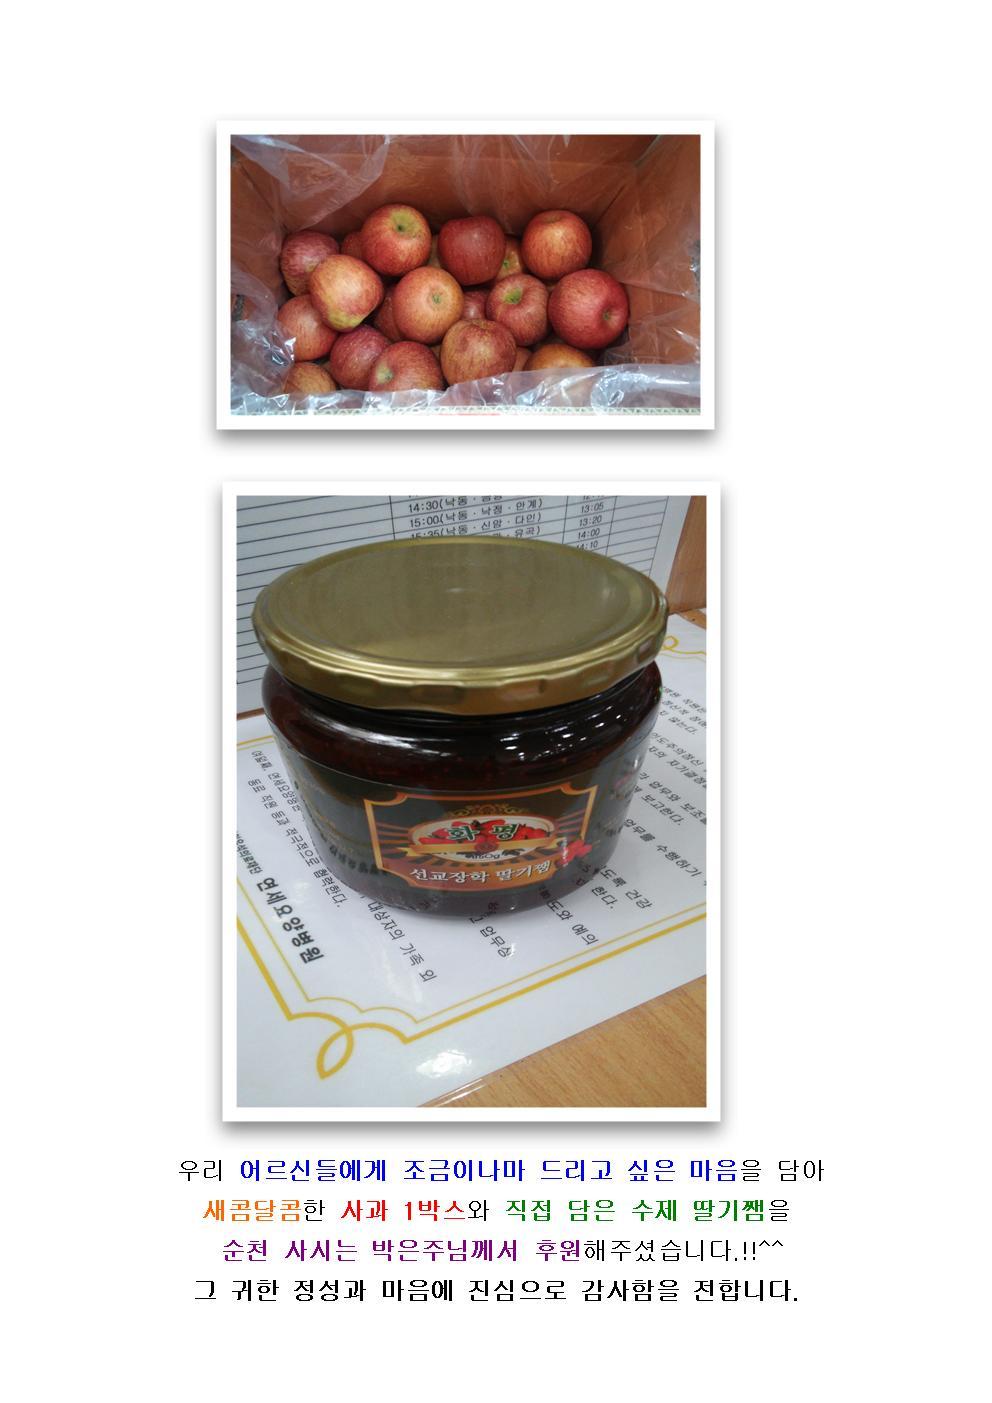 사과,딸기잼 후원001.jpg